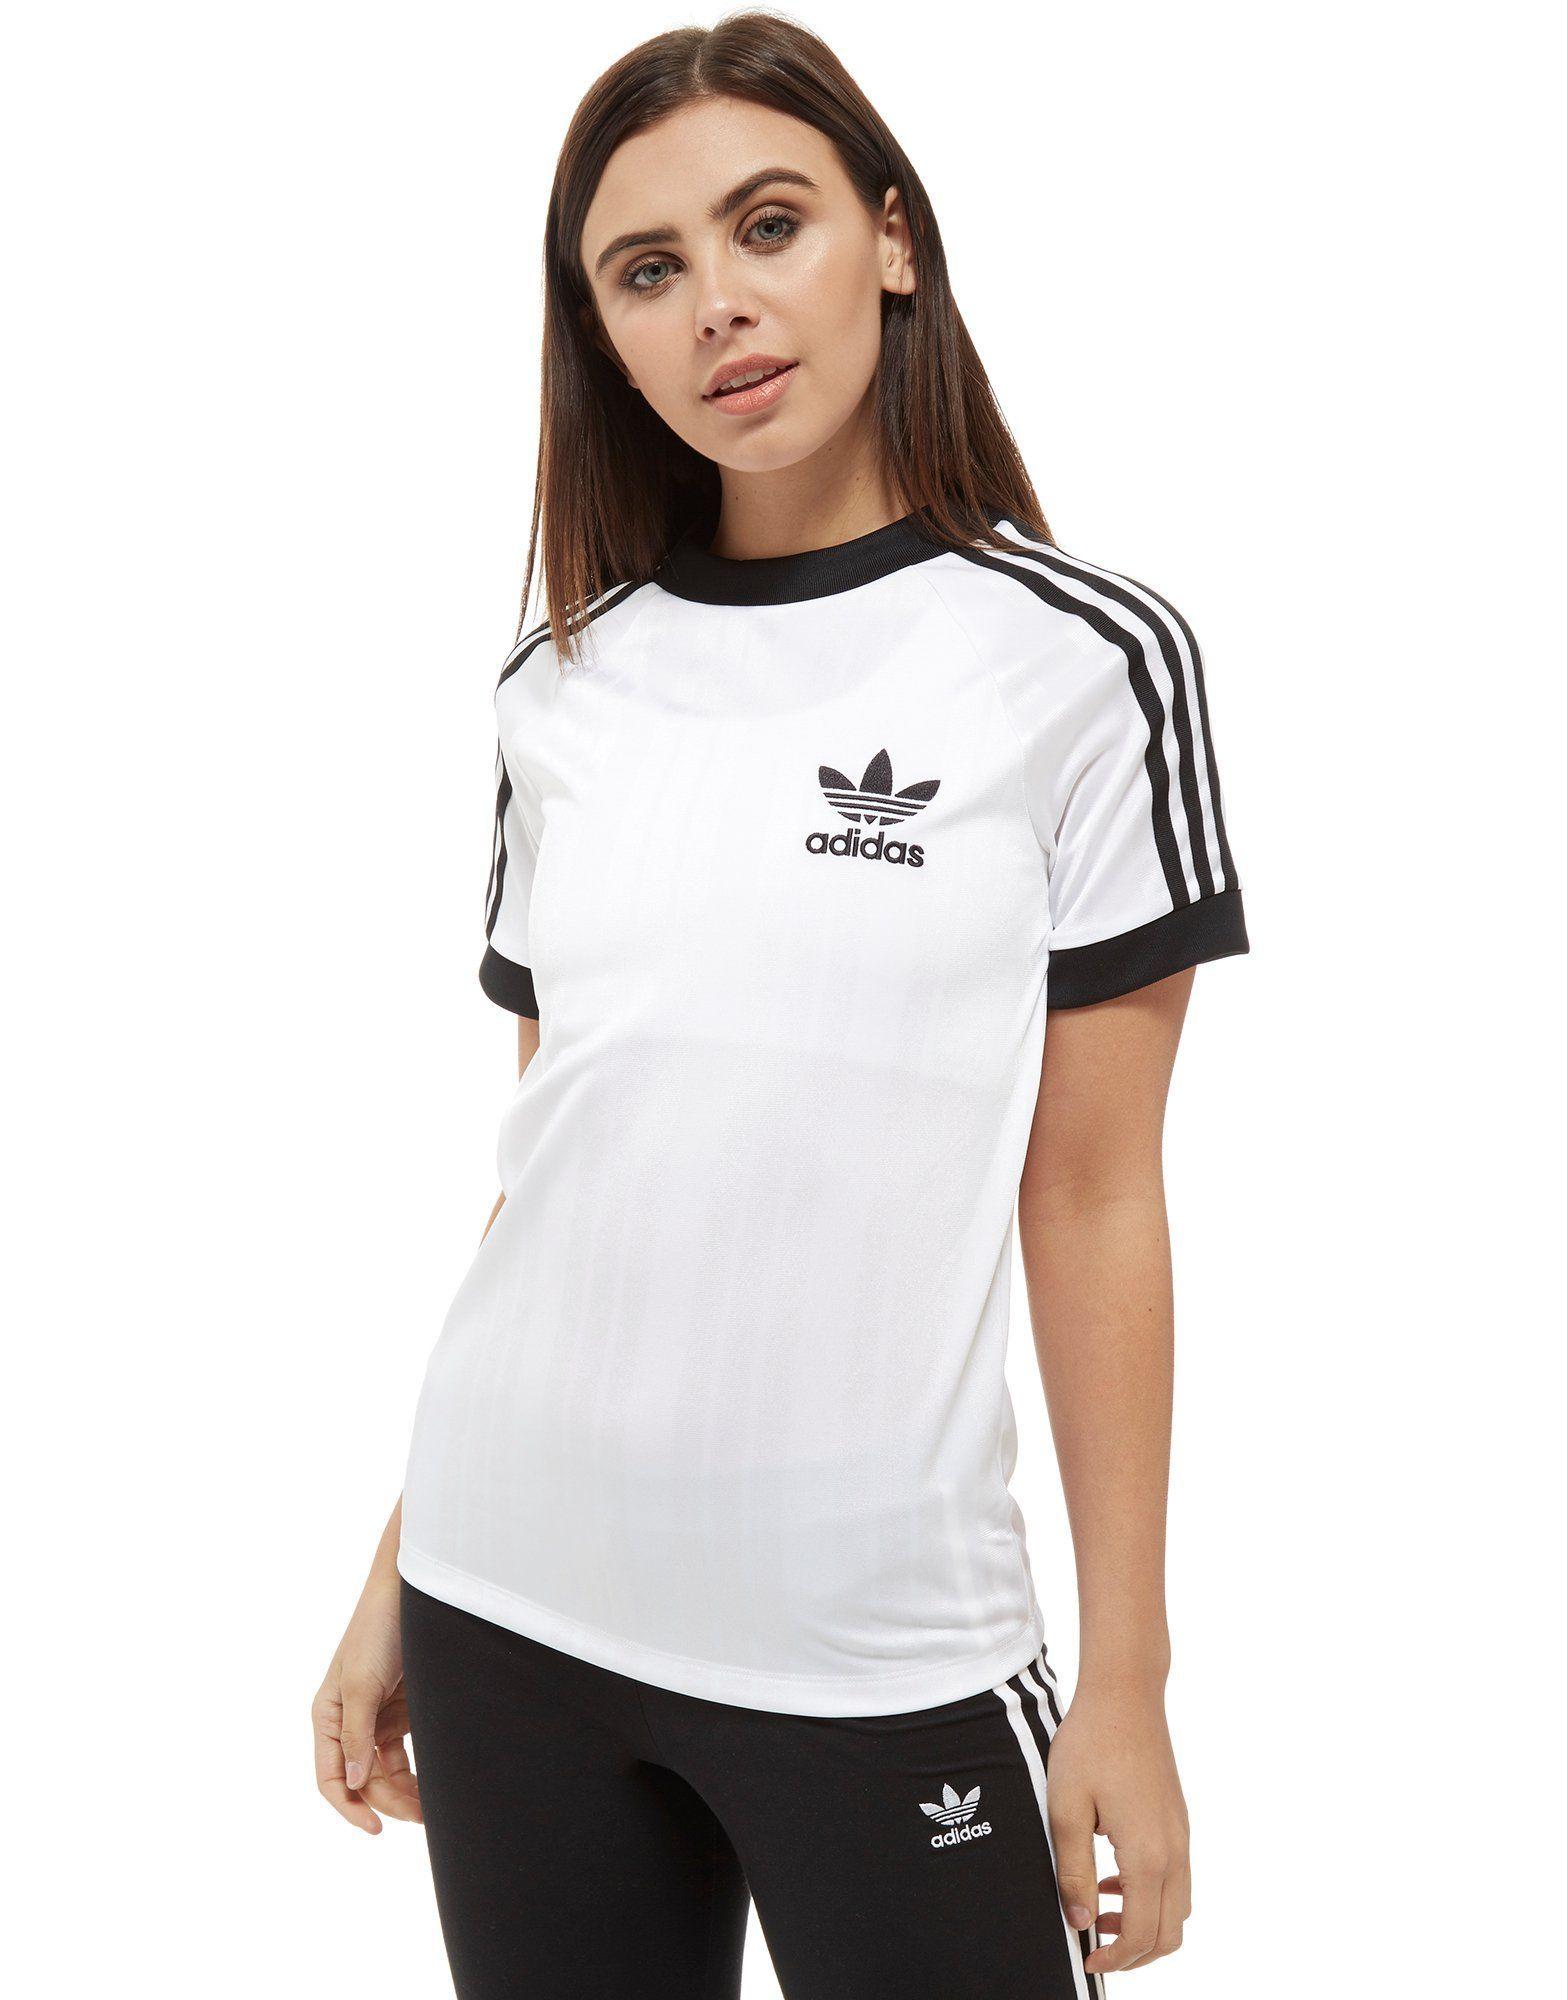 t-shirt foot adidas femme